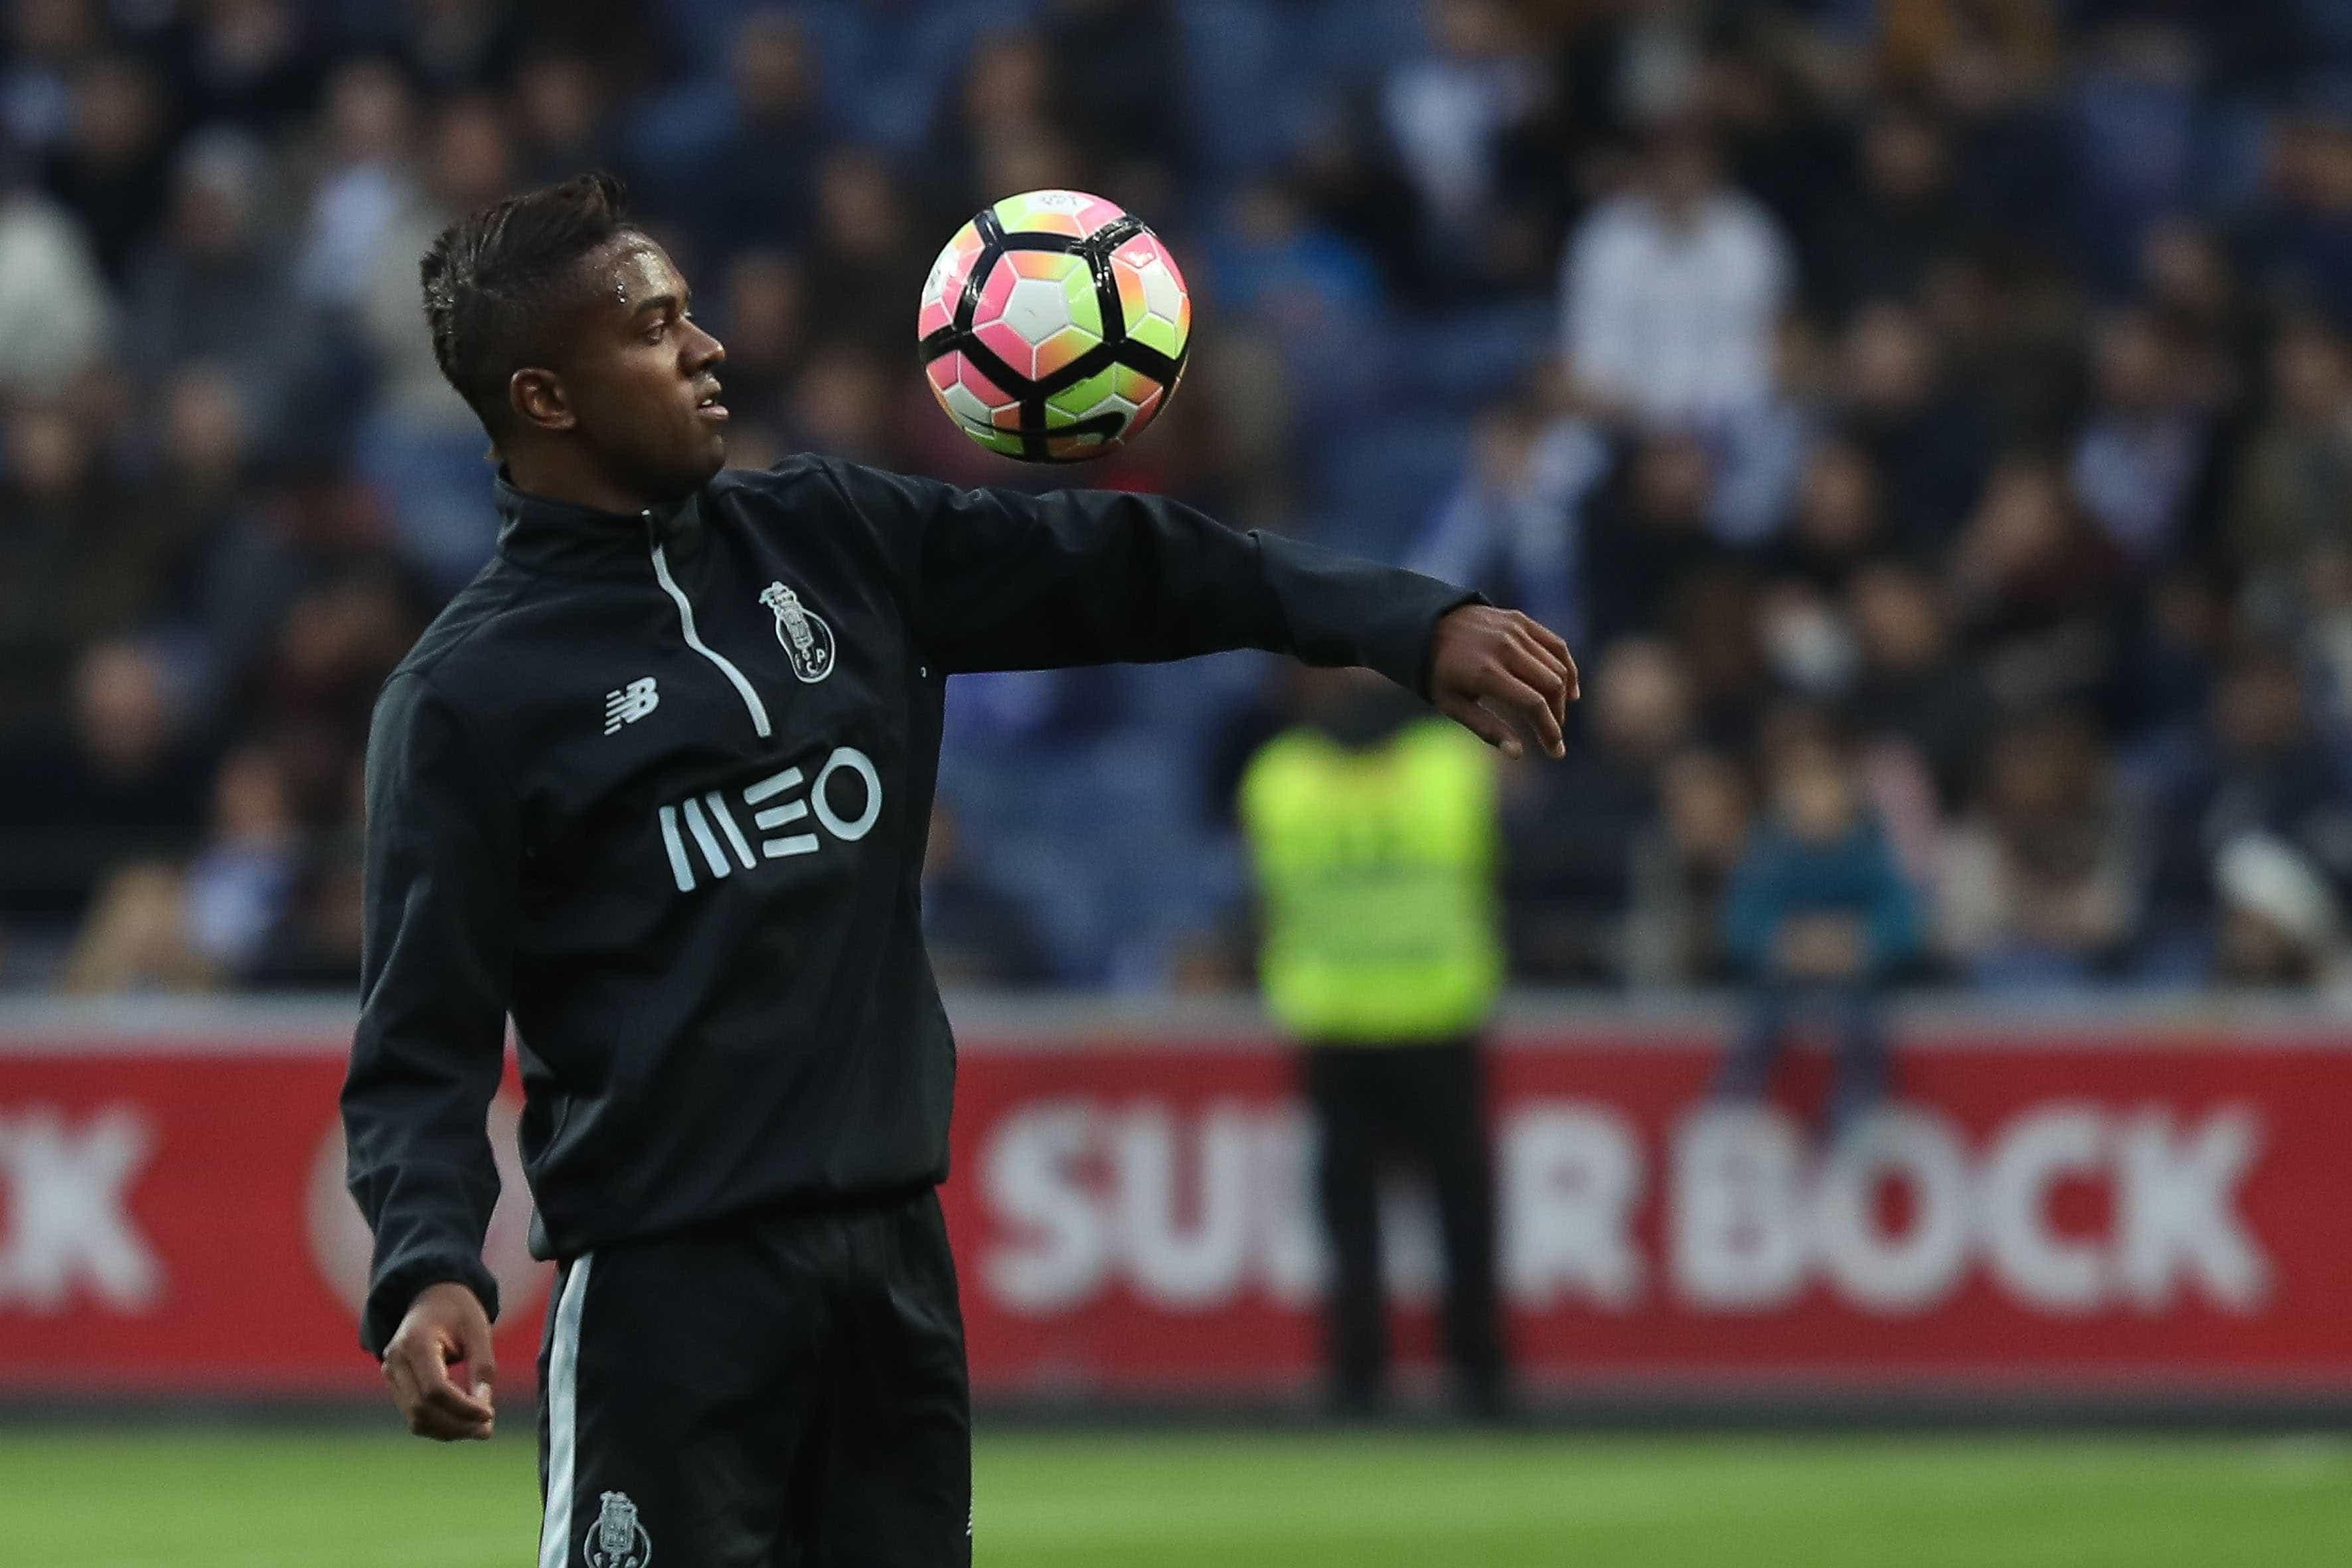 Depois da rescisão, Kelvin deixa emotiva mensagem de adeus ao FC Porto